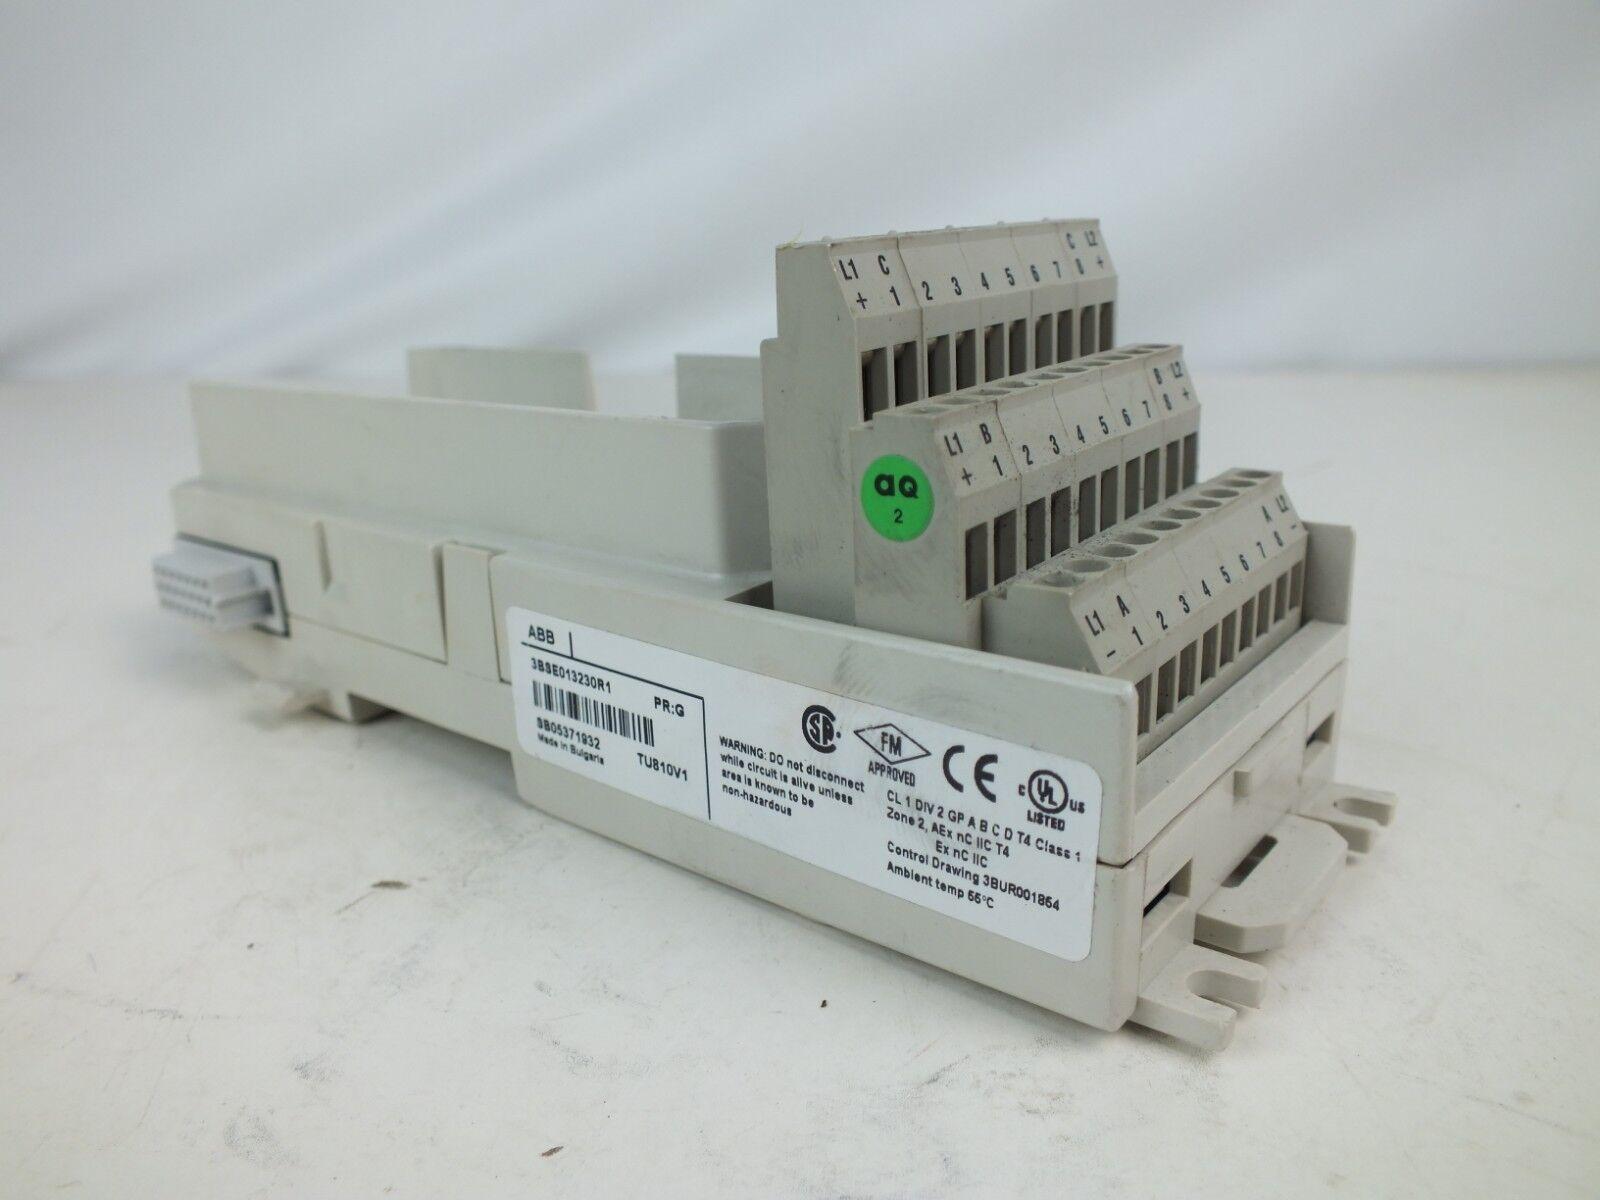 ABB 3BSE013230R1 TU810V1 Compact Module Termination Unit PR G